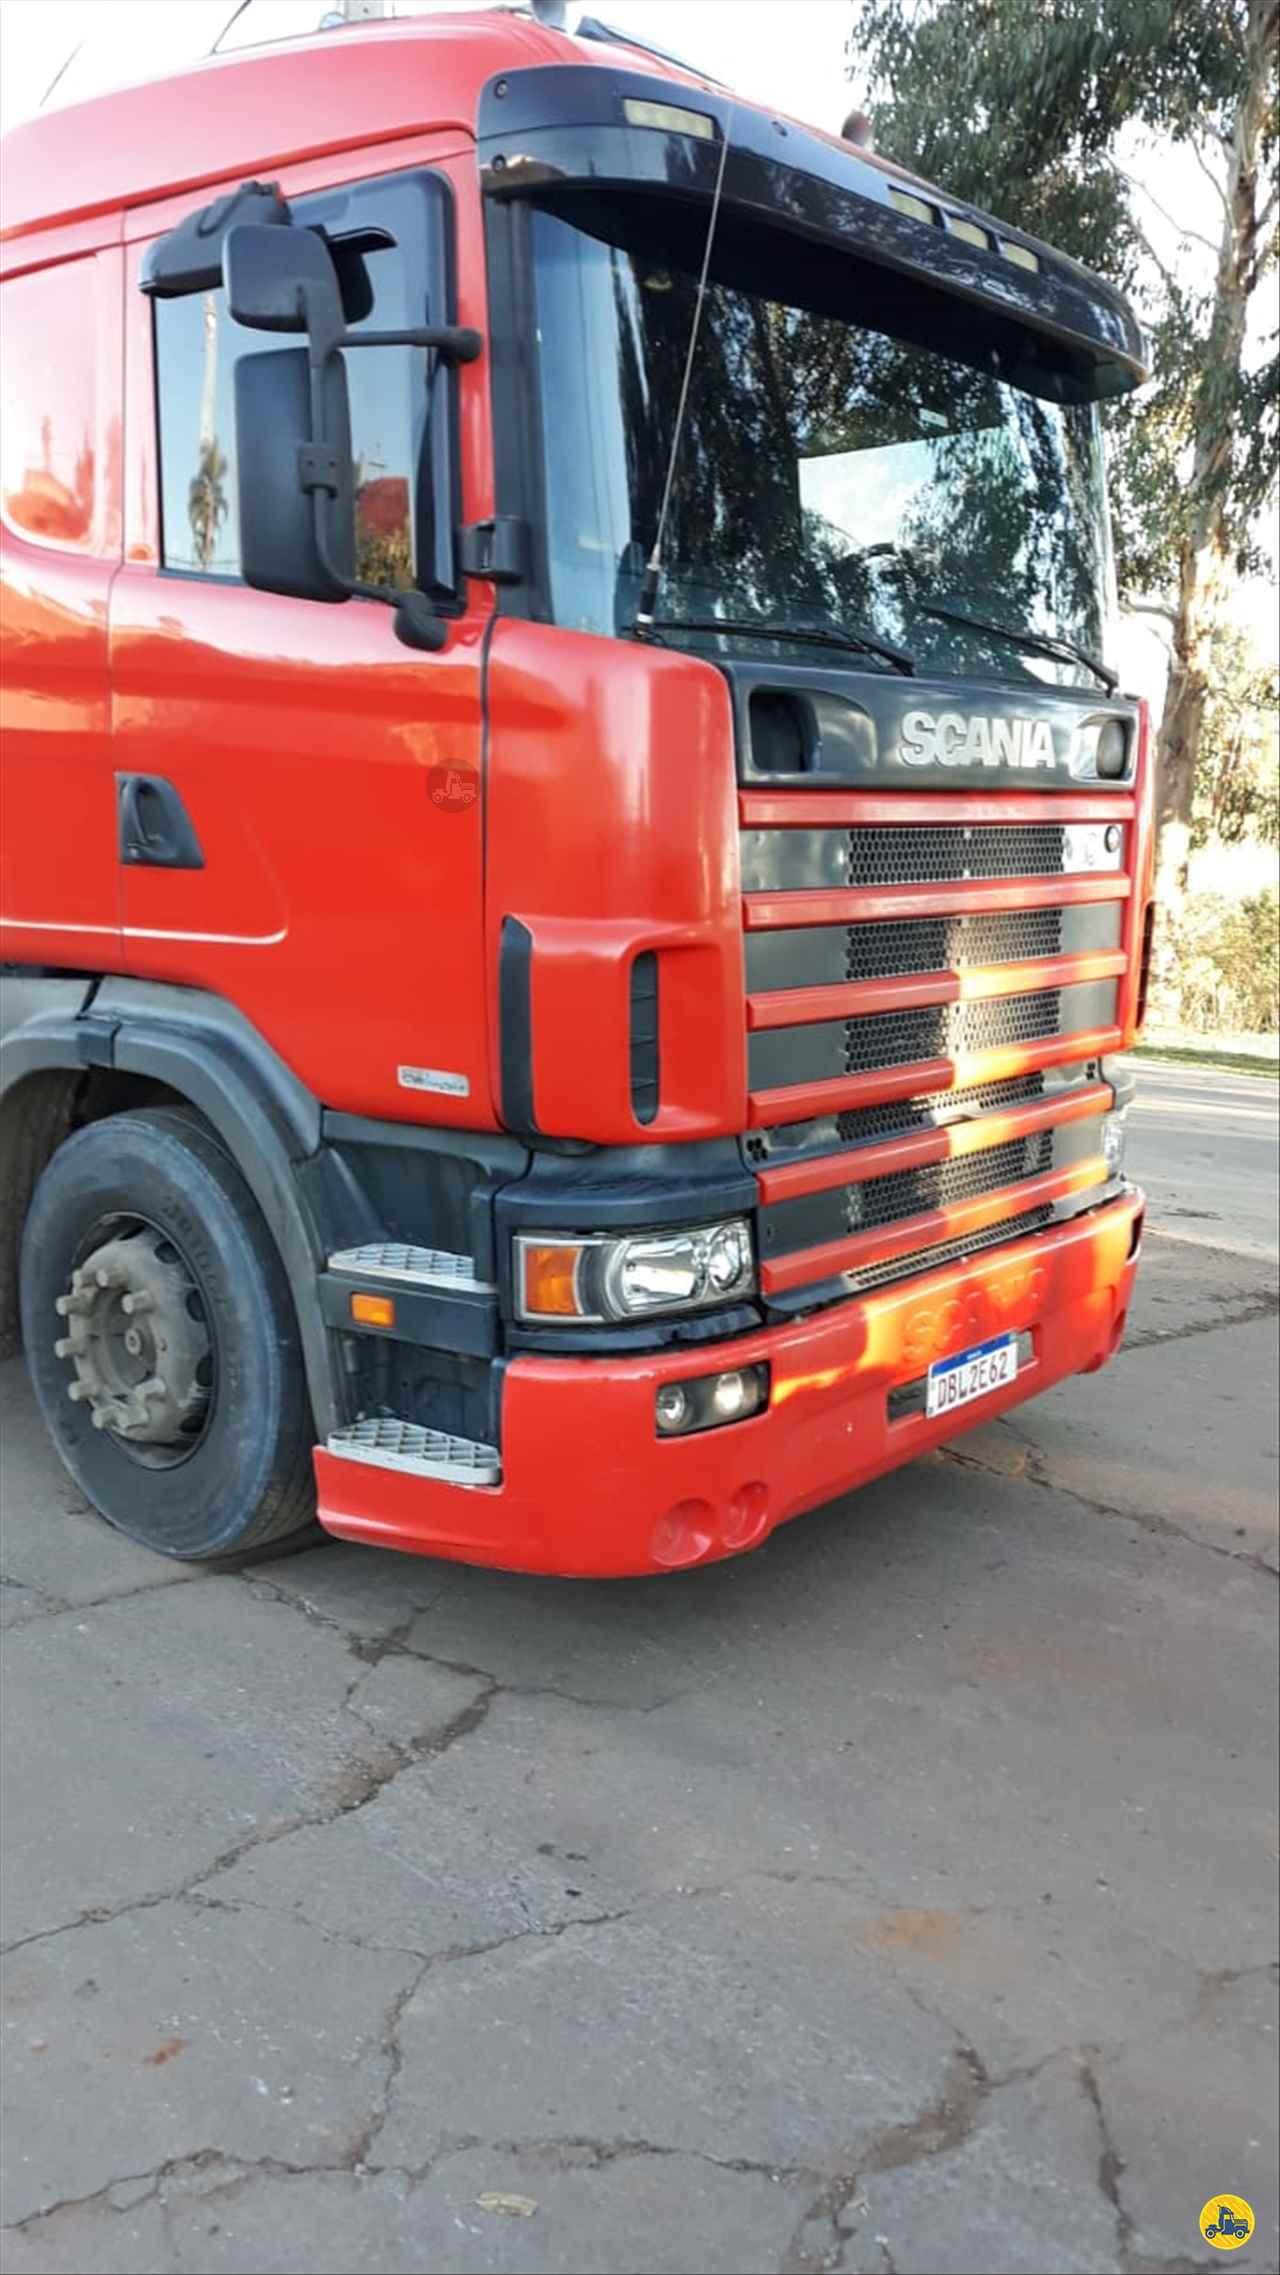 CAMINHAO SCANIA SCANIA 114 380 Cavalo Mecânico Truck 6x2 Zanon Caminhões e Implementos PASSO FUNDO RIO GRANDE DO SUL RS